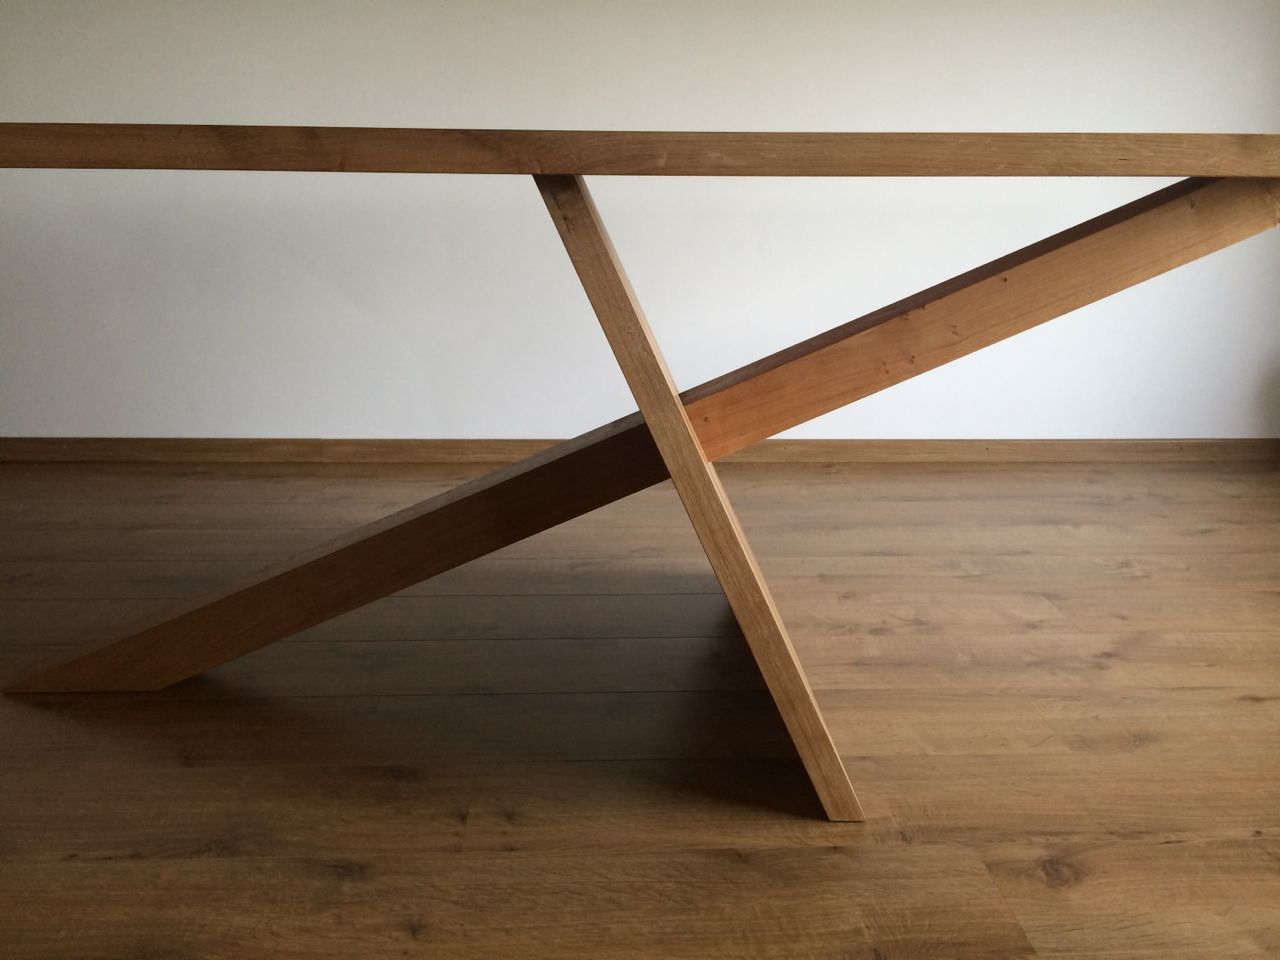 tafels kien met hout. Black Bedroom Furniture Sets. Home Design Ideas